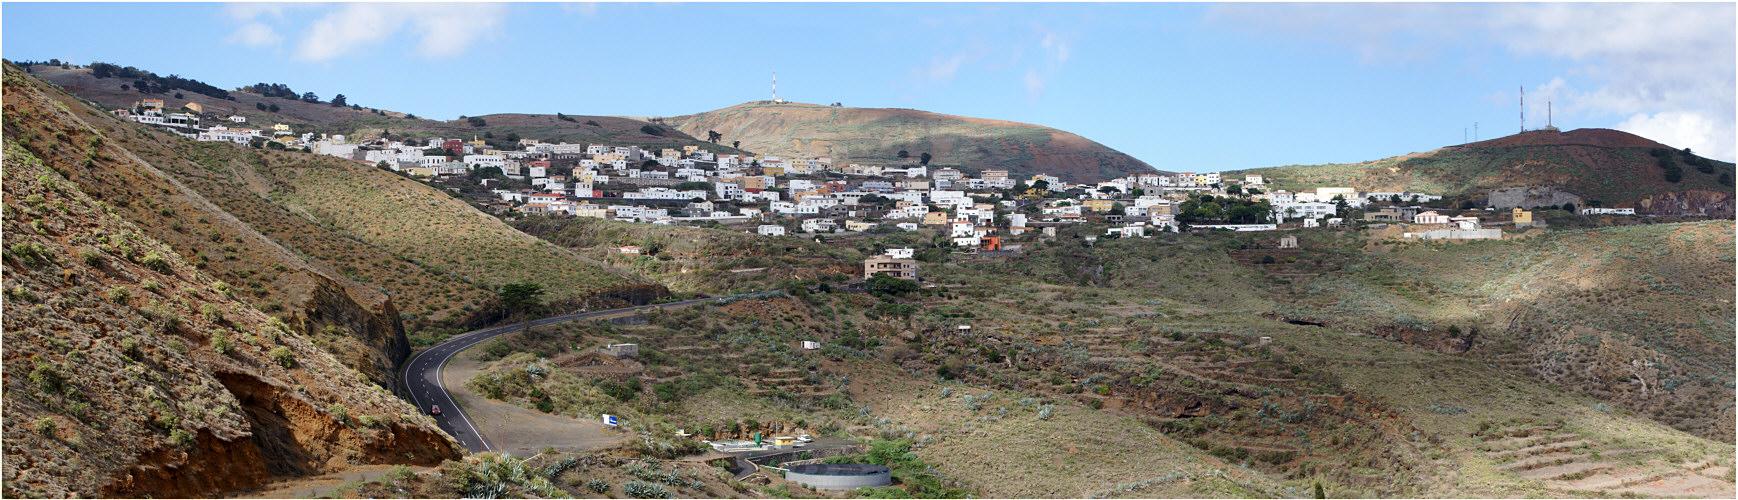 Blick auf Valverde - El Hierro